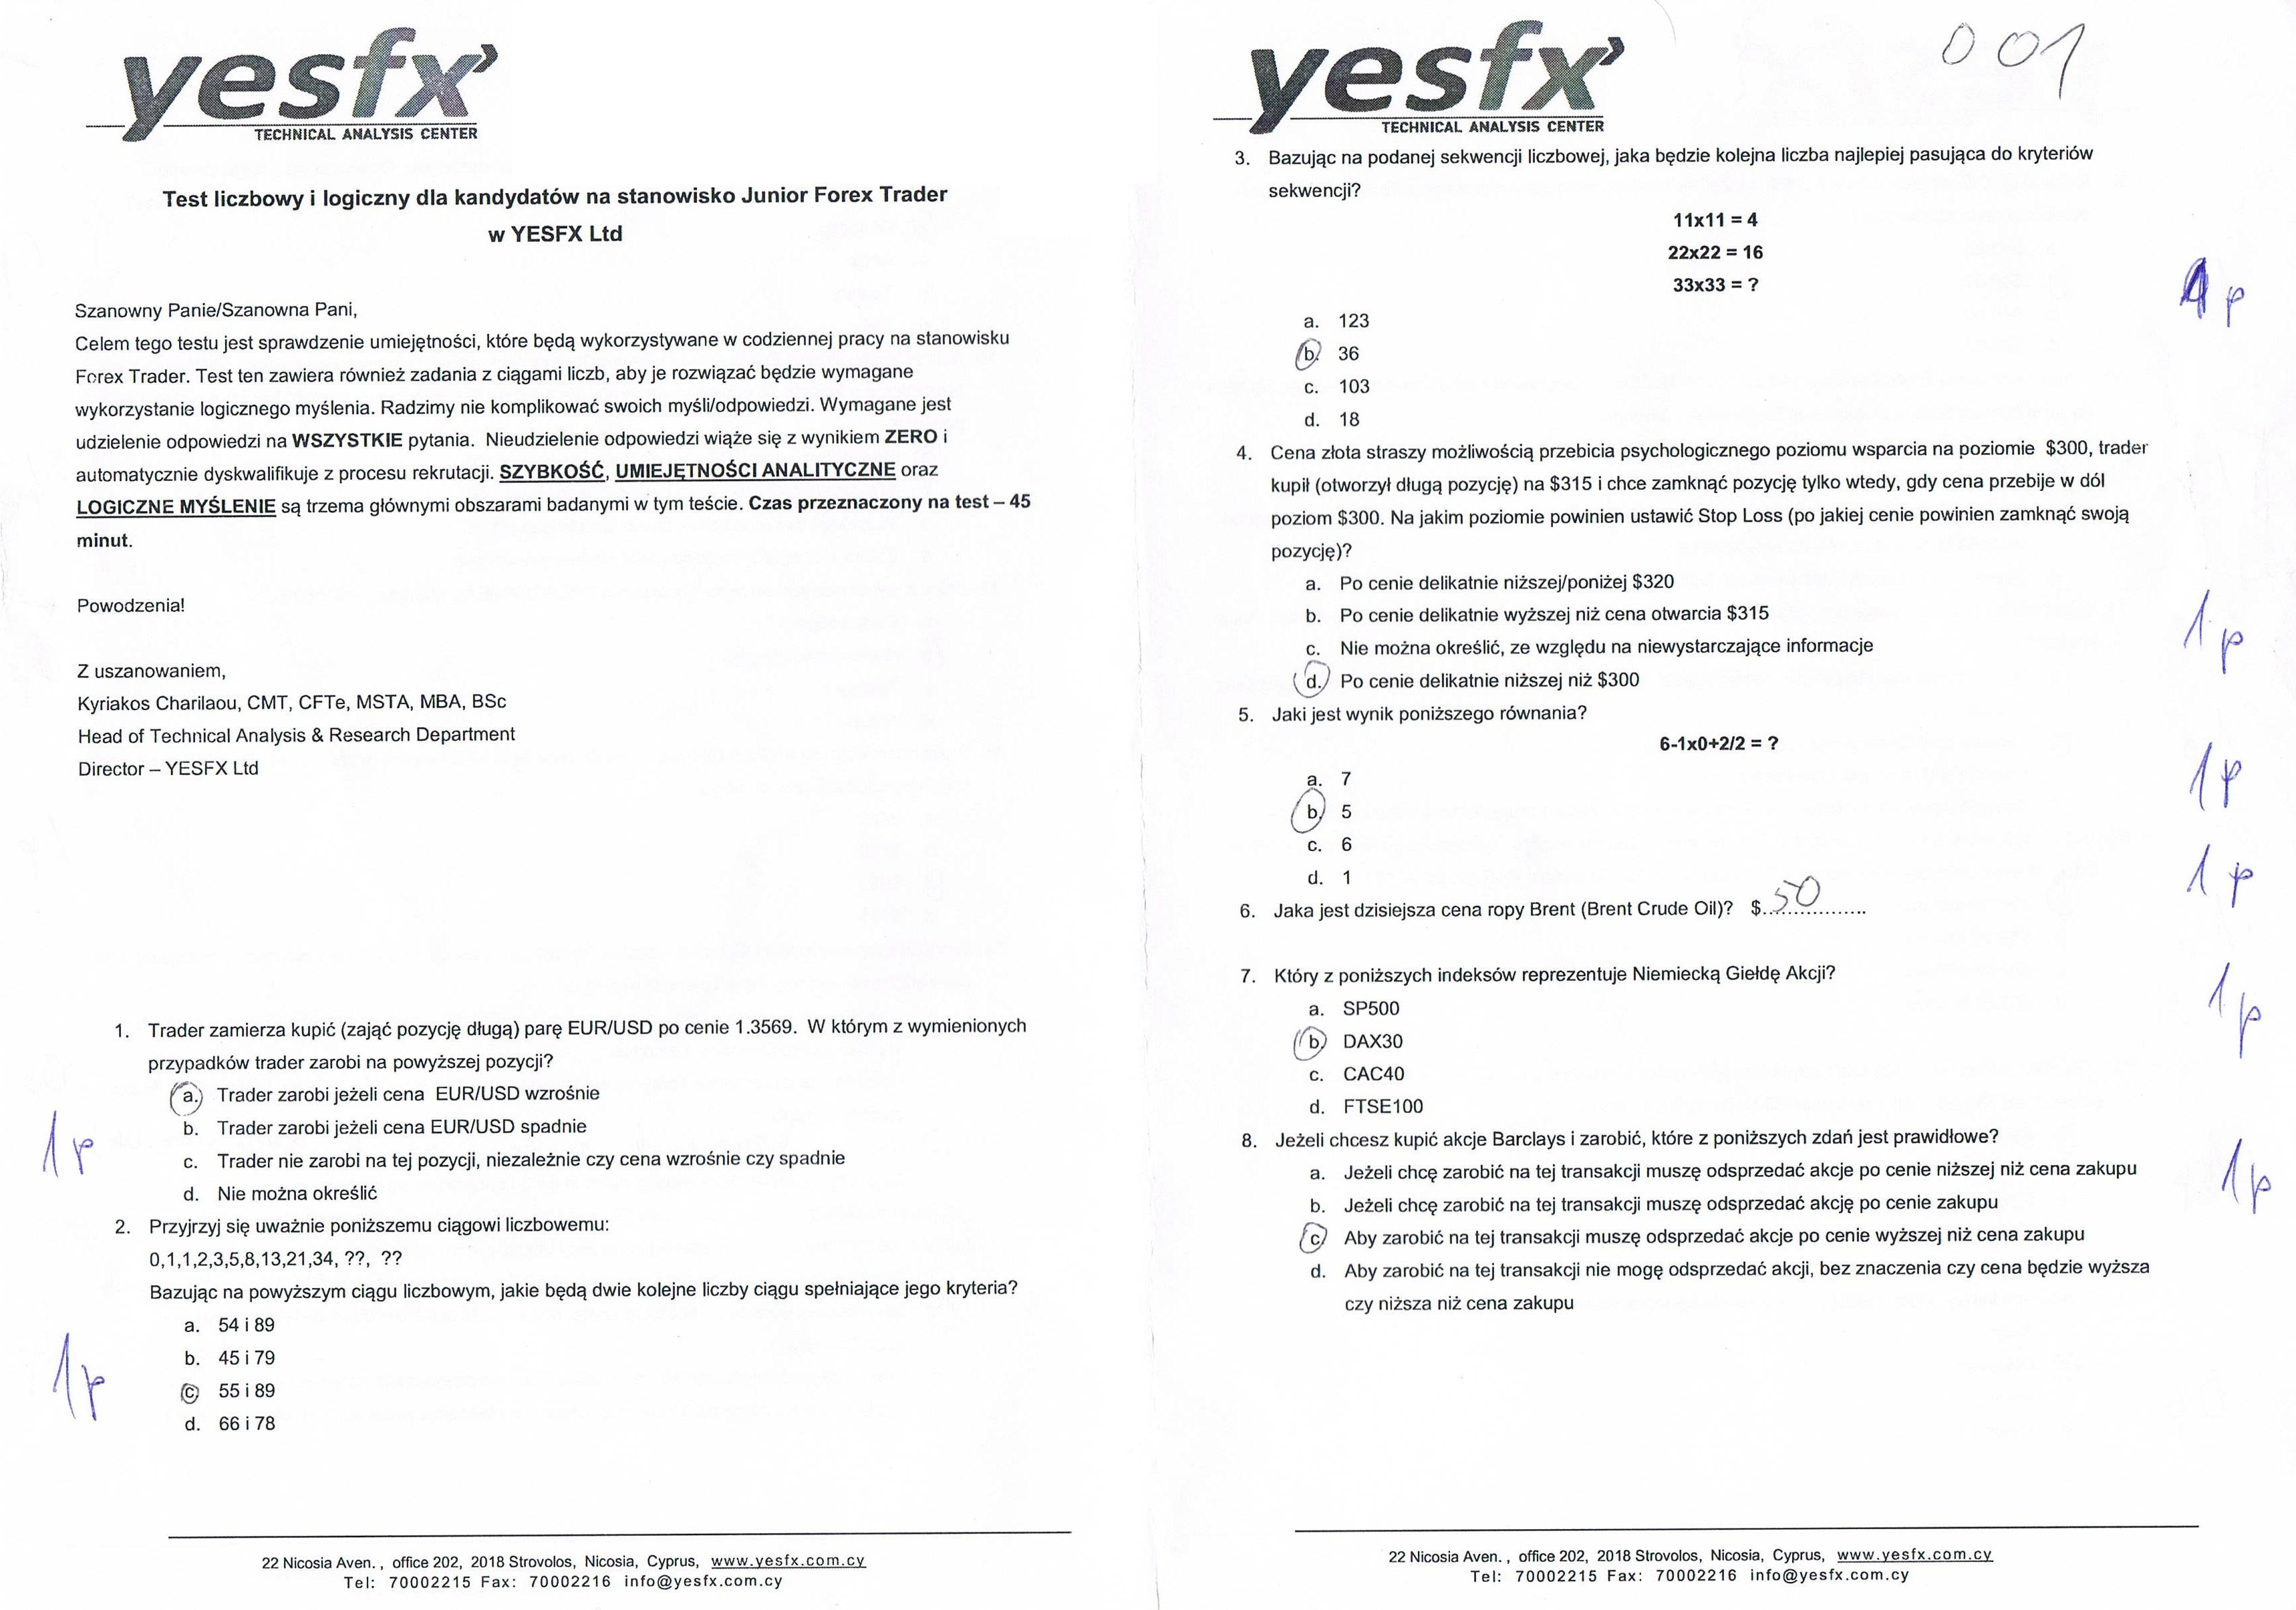 Jeden z przykładowych testów YESFX. Skan edytowany w celu zachowania anonimowości